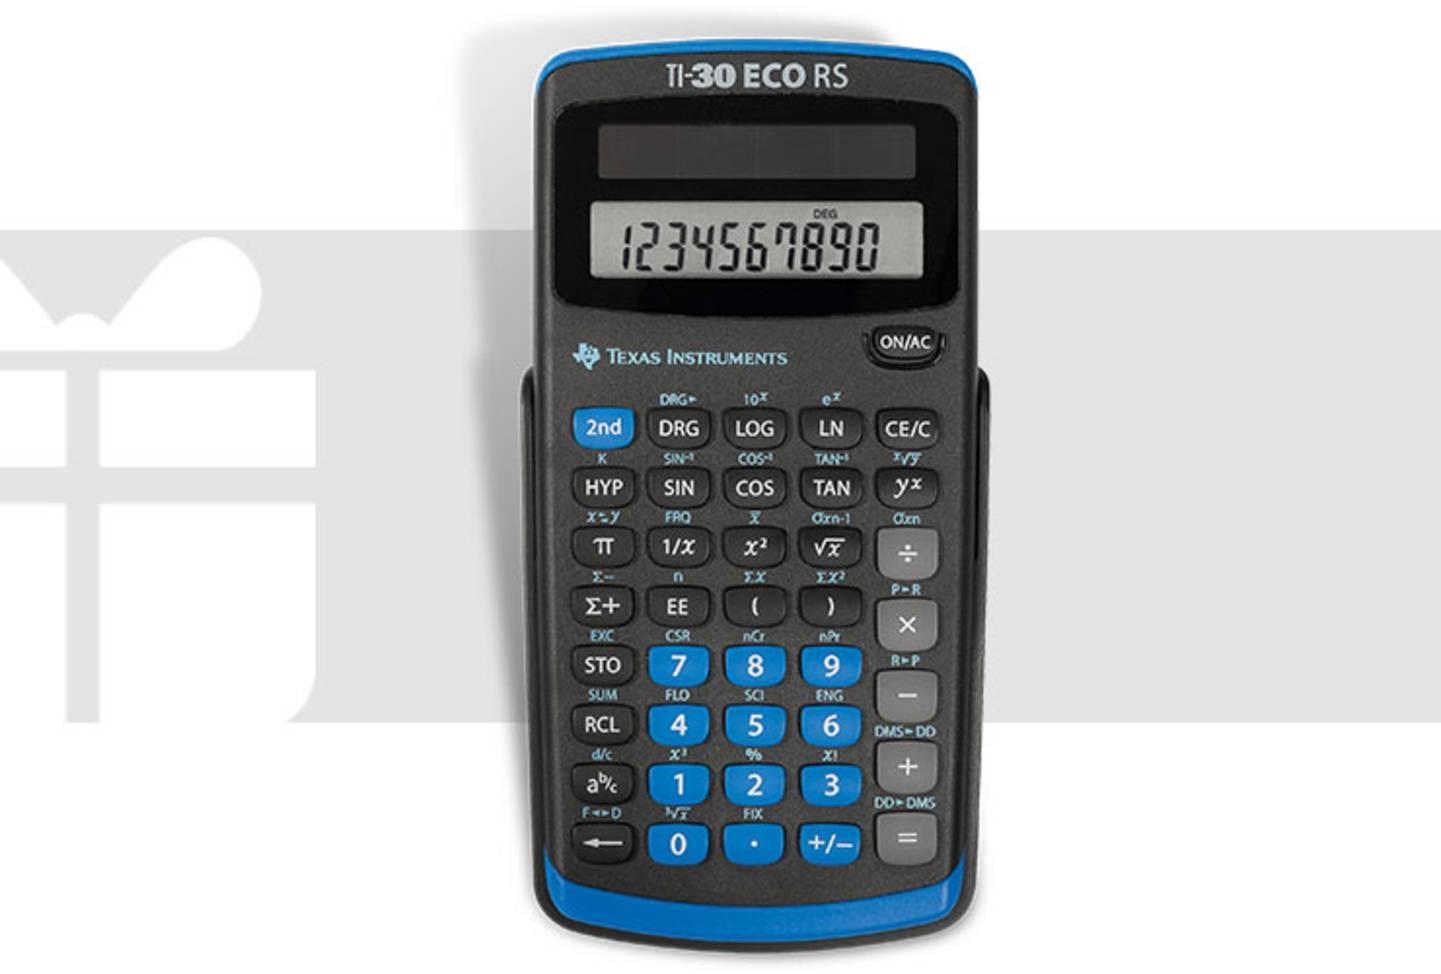 Texas Instruments - TI-30 ECO